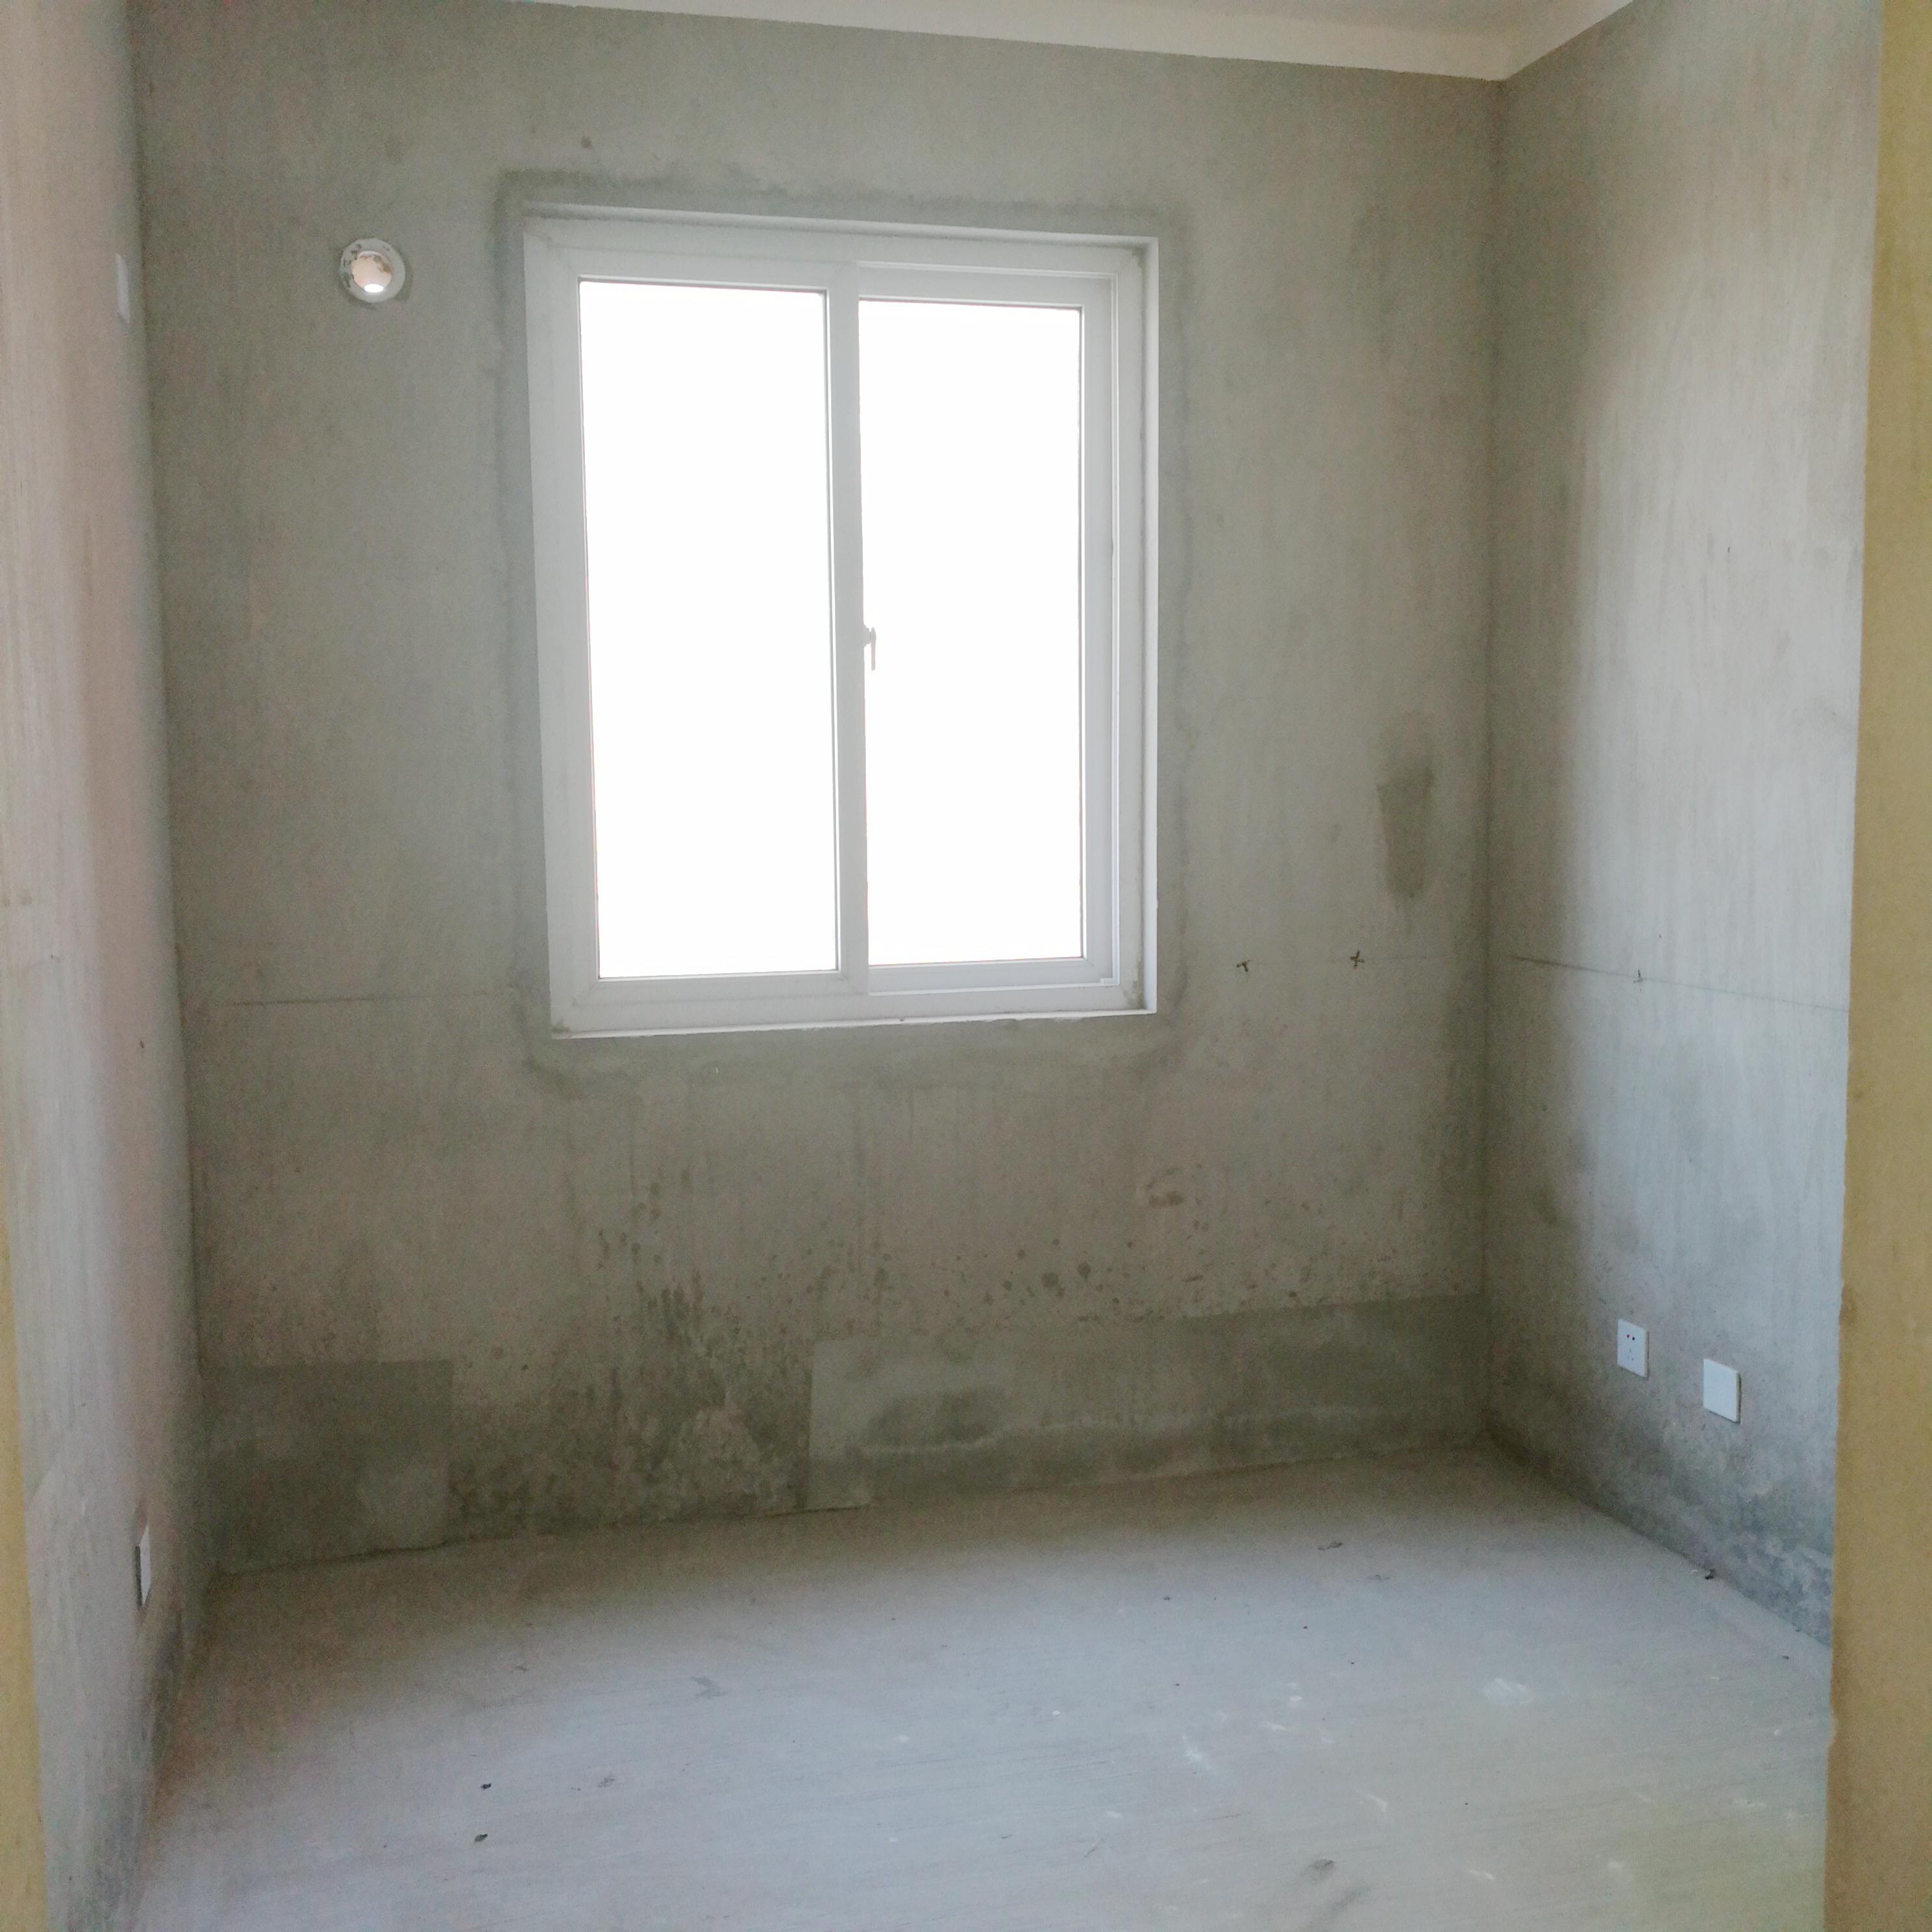 英伦联邦100平米3室毛坯房出售_5